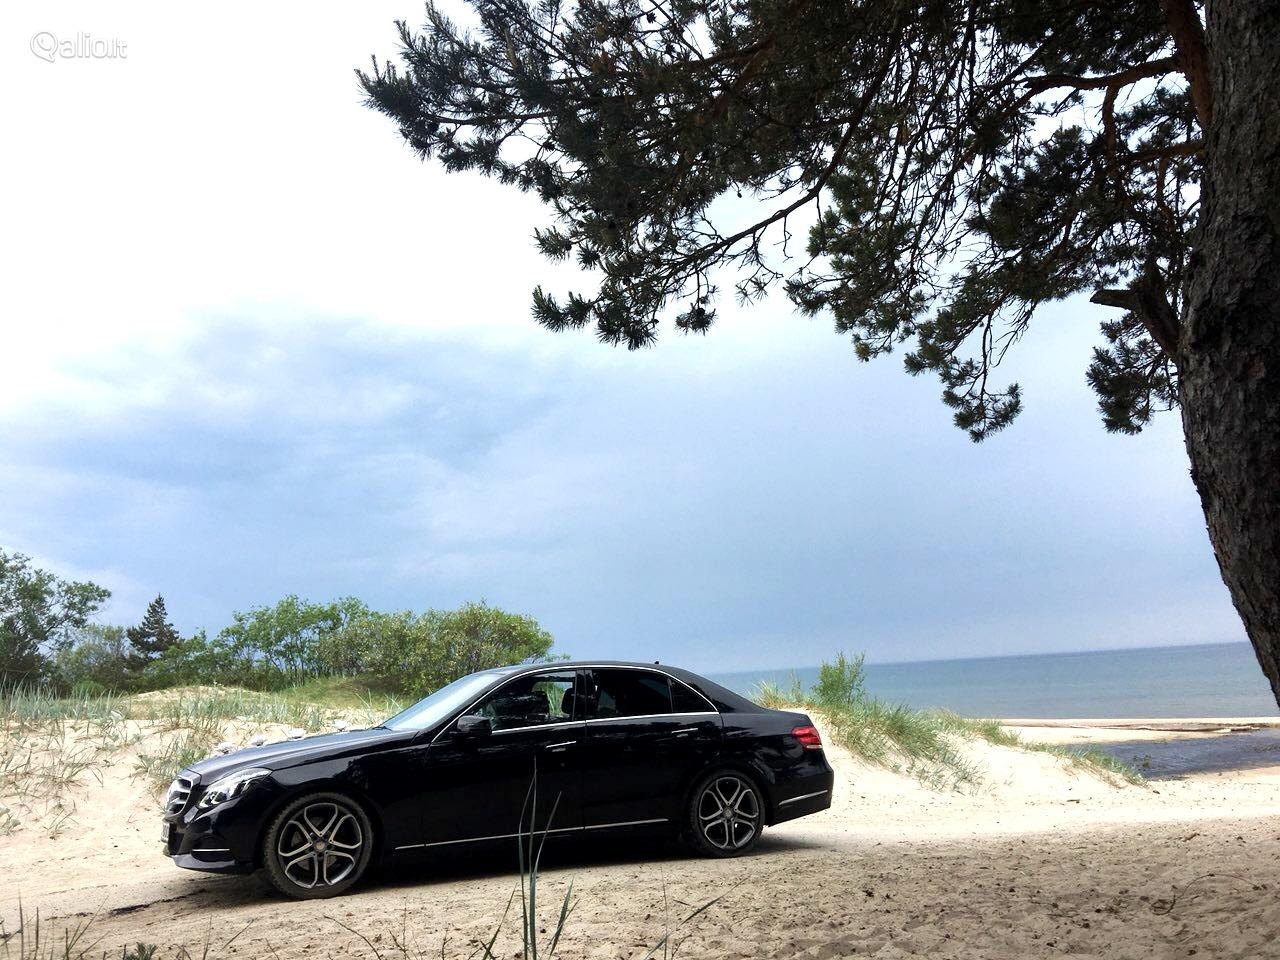 Automobilių nuoma Klaipėdoje – puiki idėja atostogoms